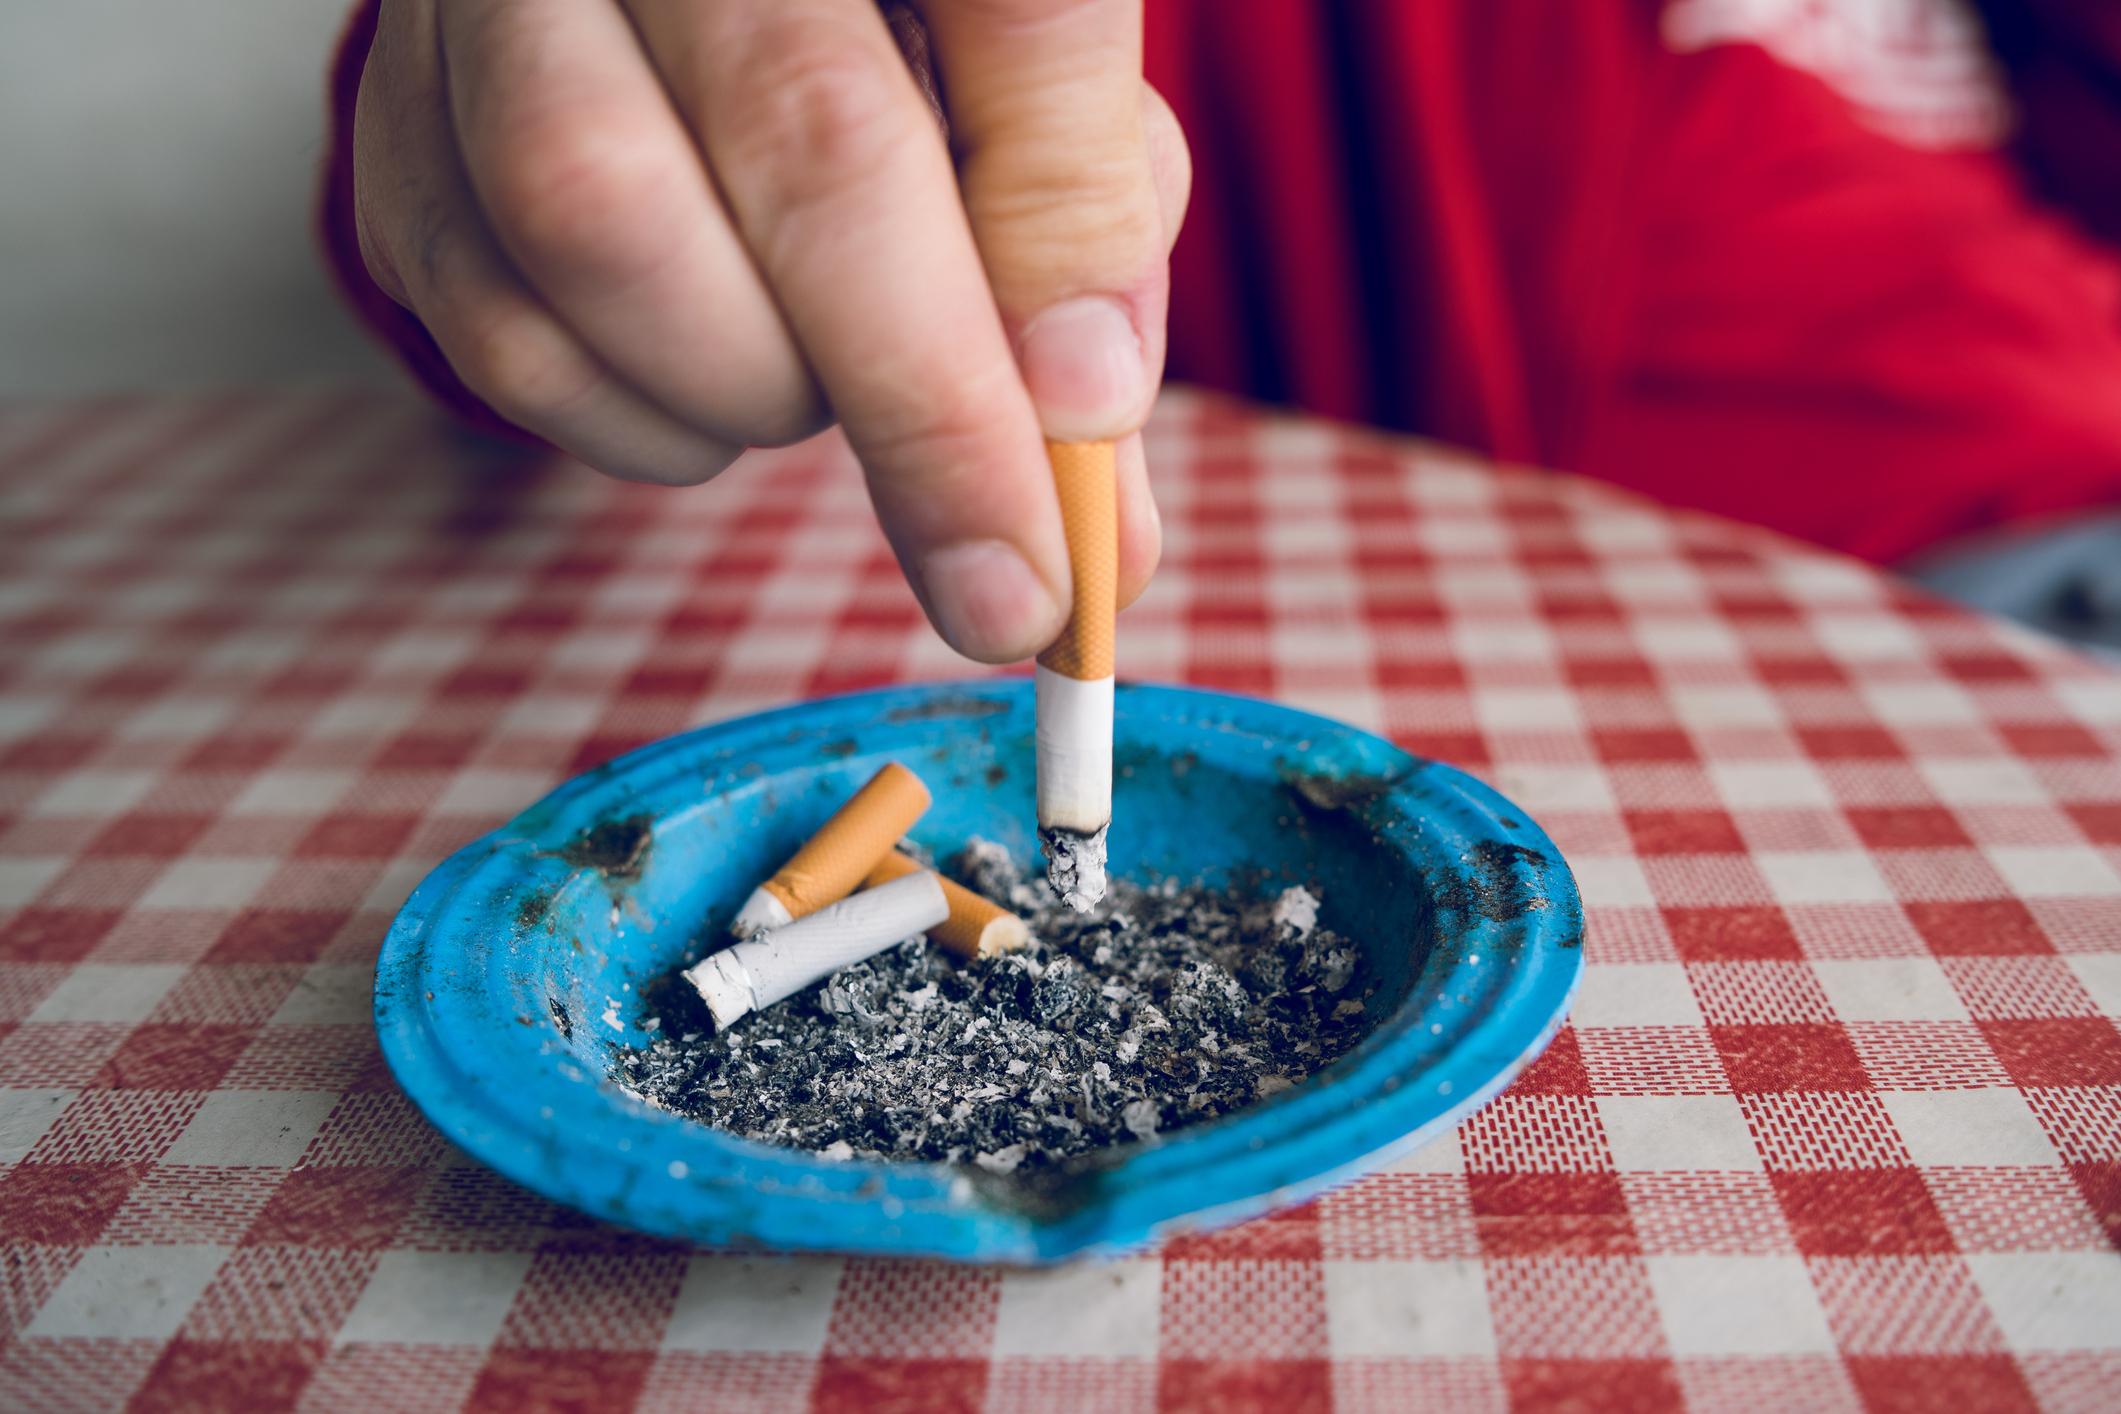 Pesquisa revela diminuição dos gastos com cigarros no Brasil nos últimos anos thumbnail